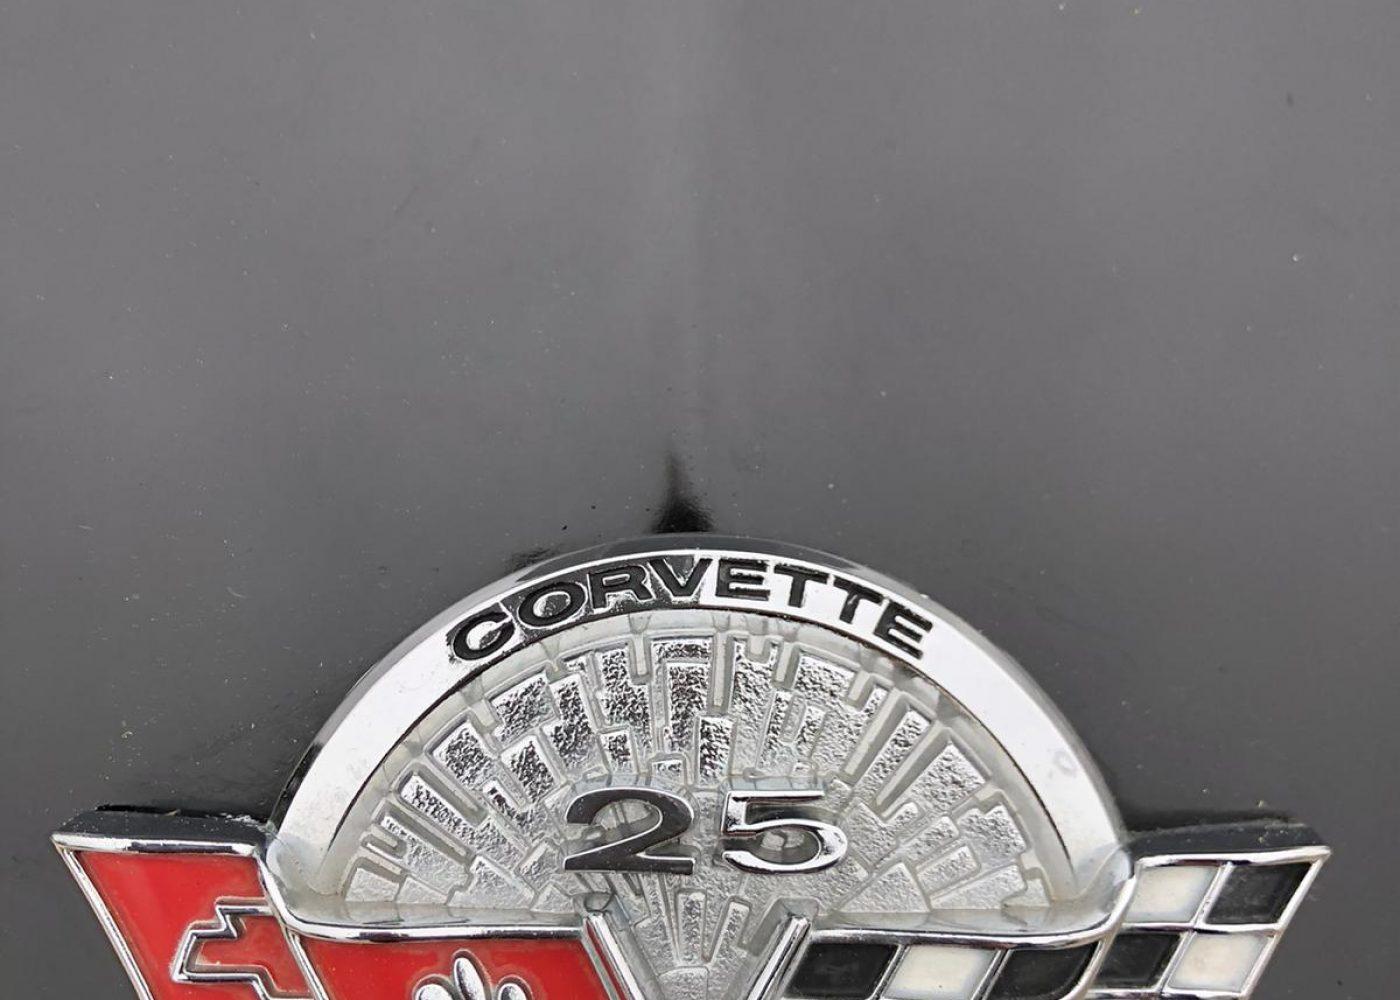 Indianapolis 500 1978 Corvette pace car